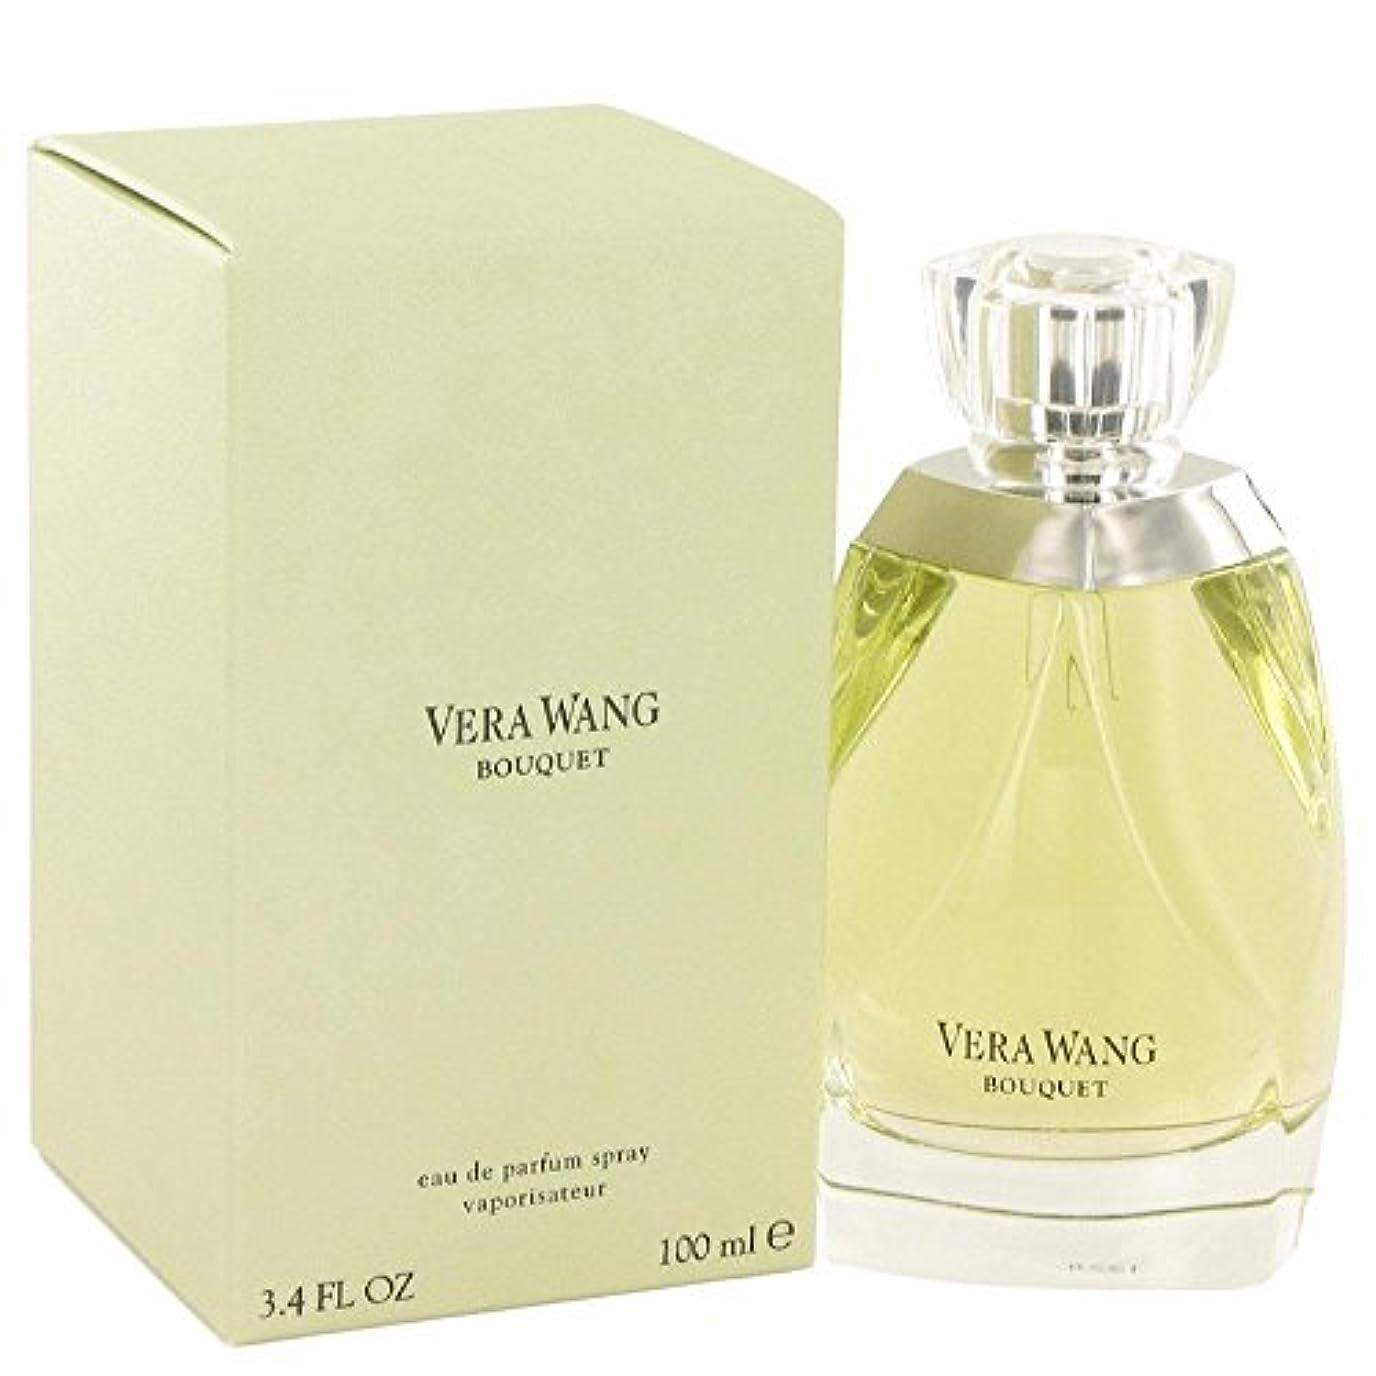 書き出すレシピエスニックVera Wang Bouquet 100ml/3.4oz Eau De Parfum Spray EDP Perfume Fragrance for Her